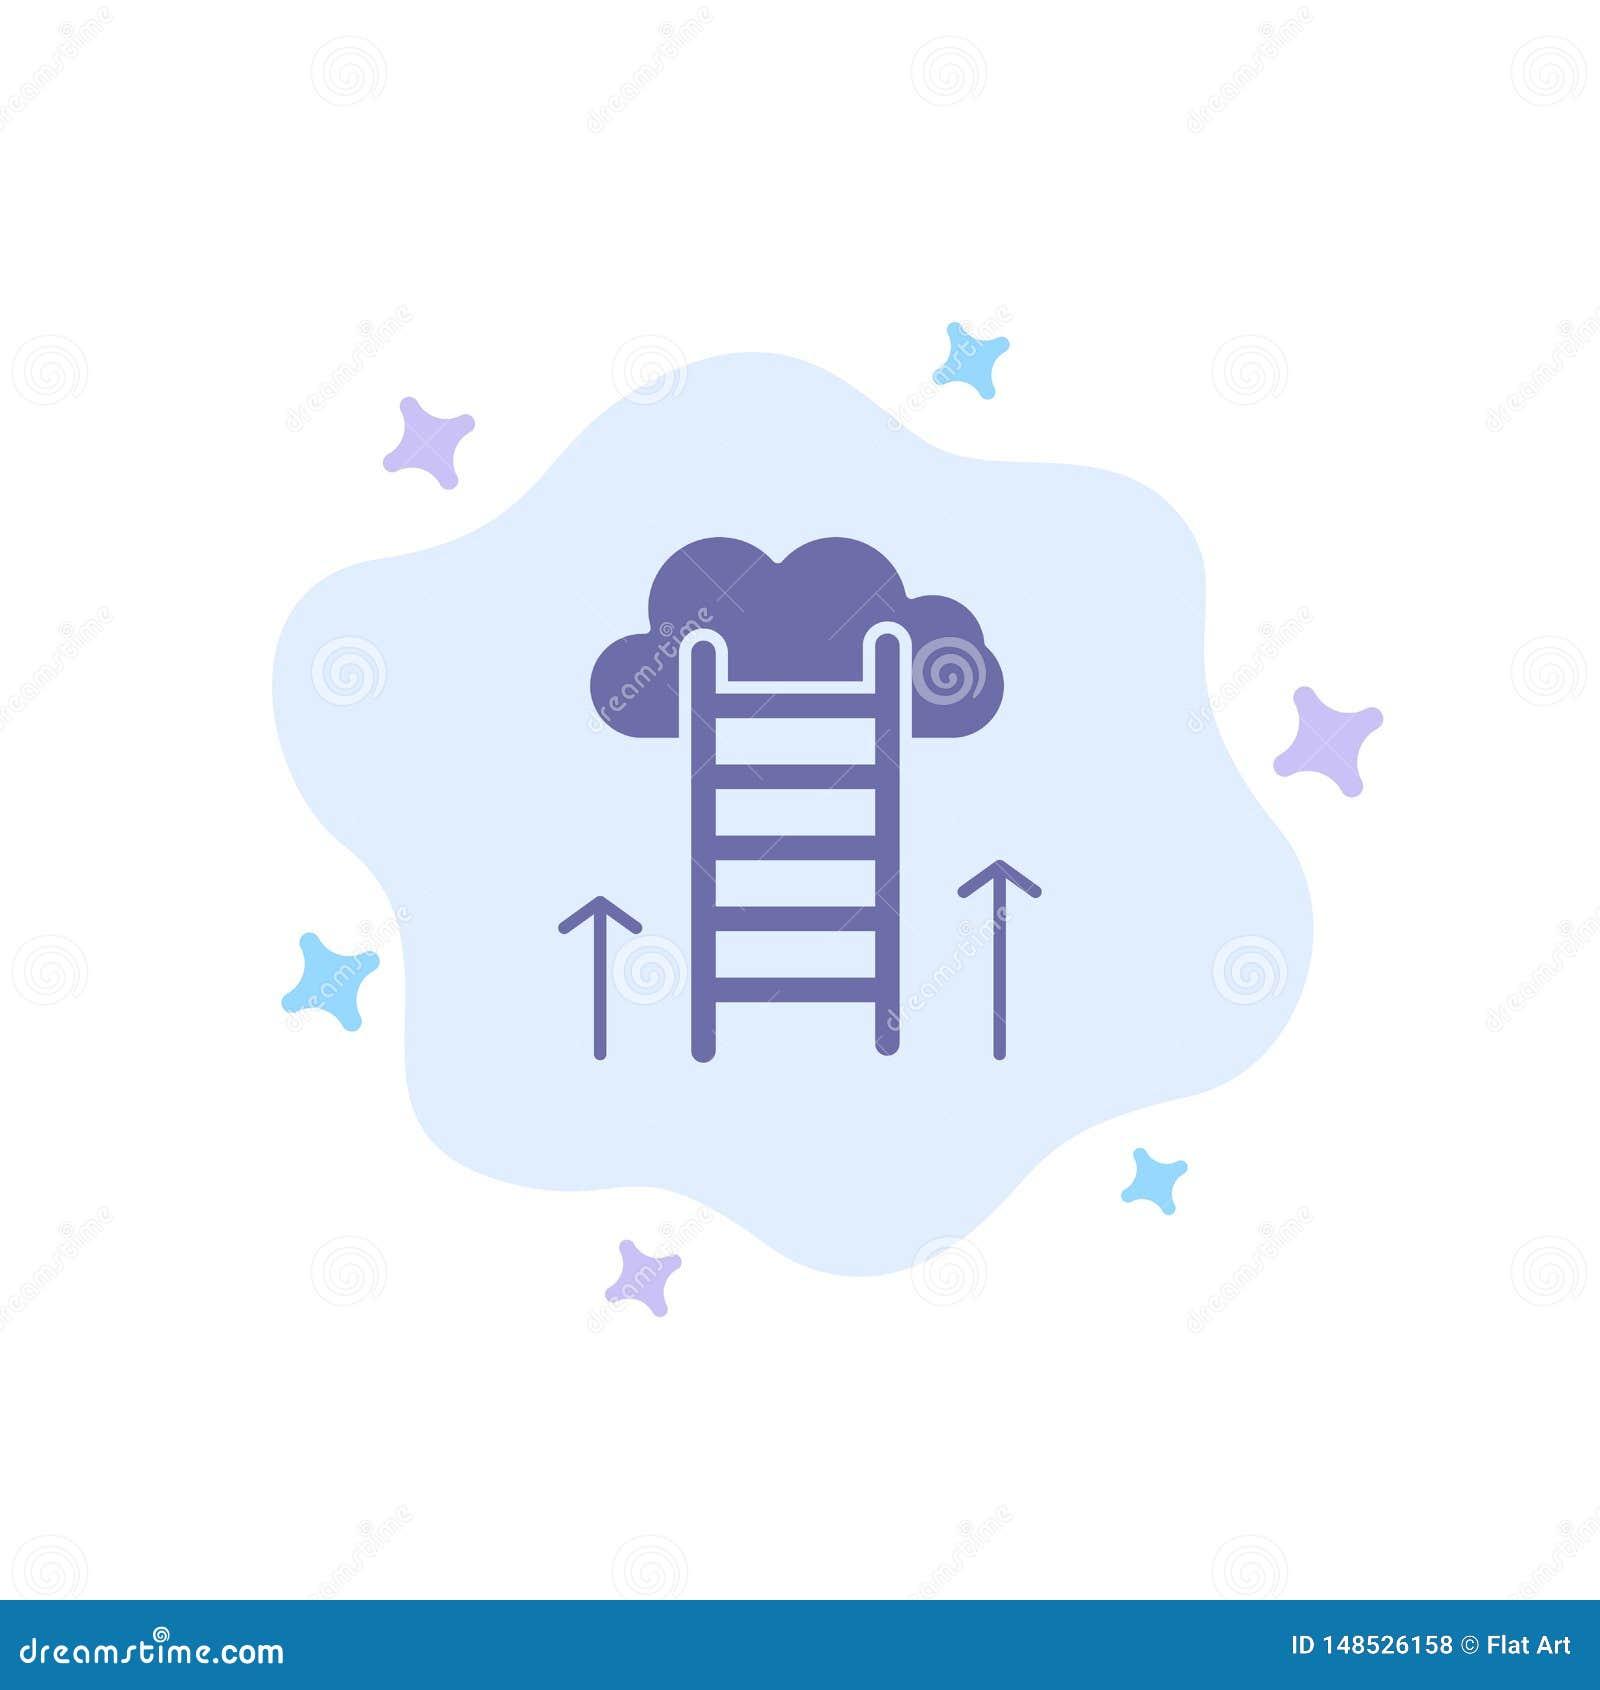 De carrièreweg, Carrière, Droom, Succes, concentreert Blauw Pictogram op Abstracte Wolkenachtergrond